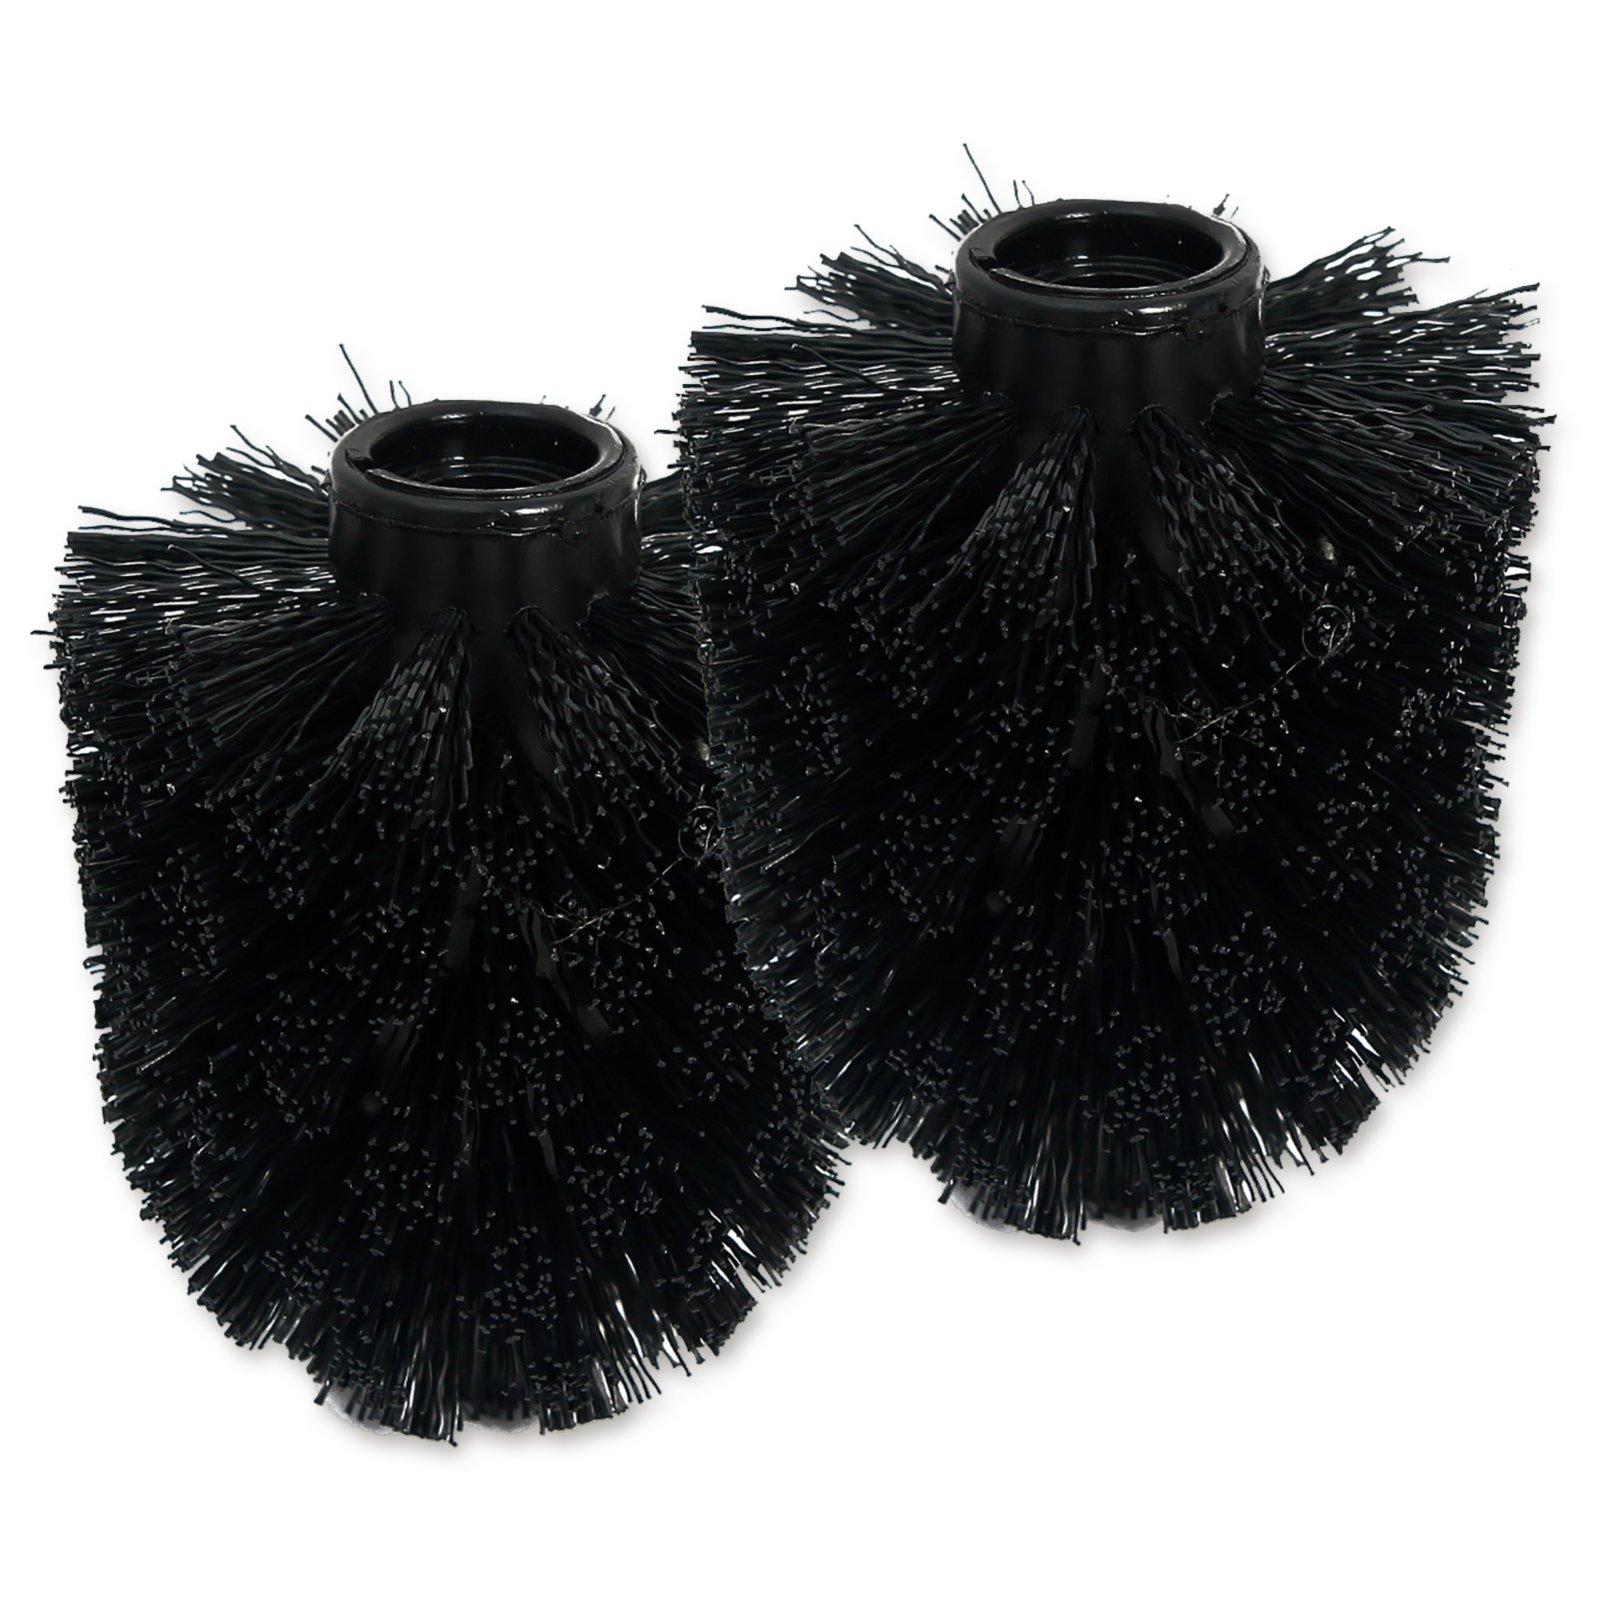 2er Pack Ersatz-WC-Bürstenkopf - schwarz